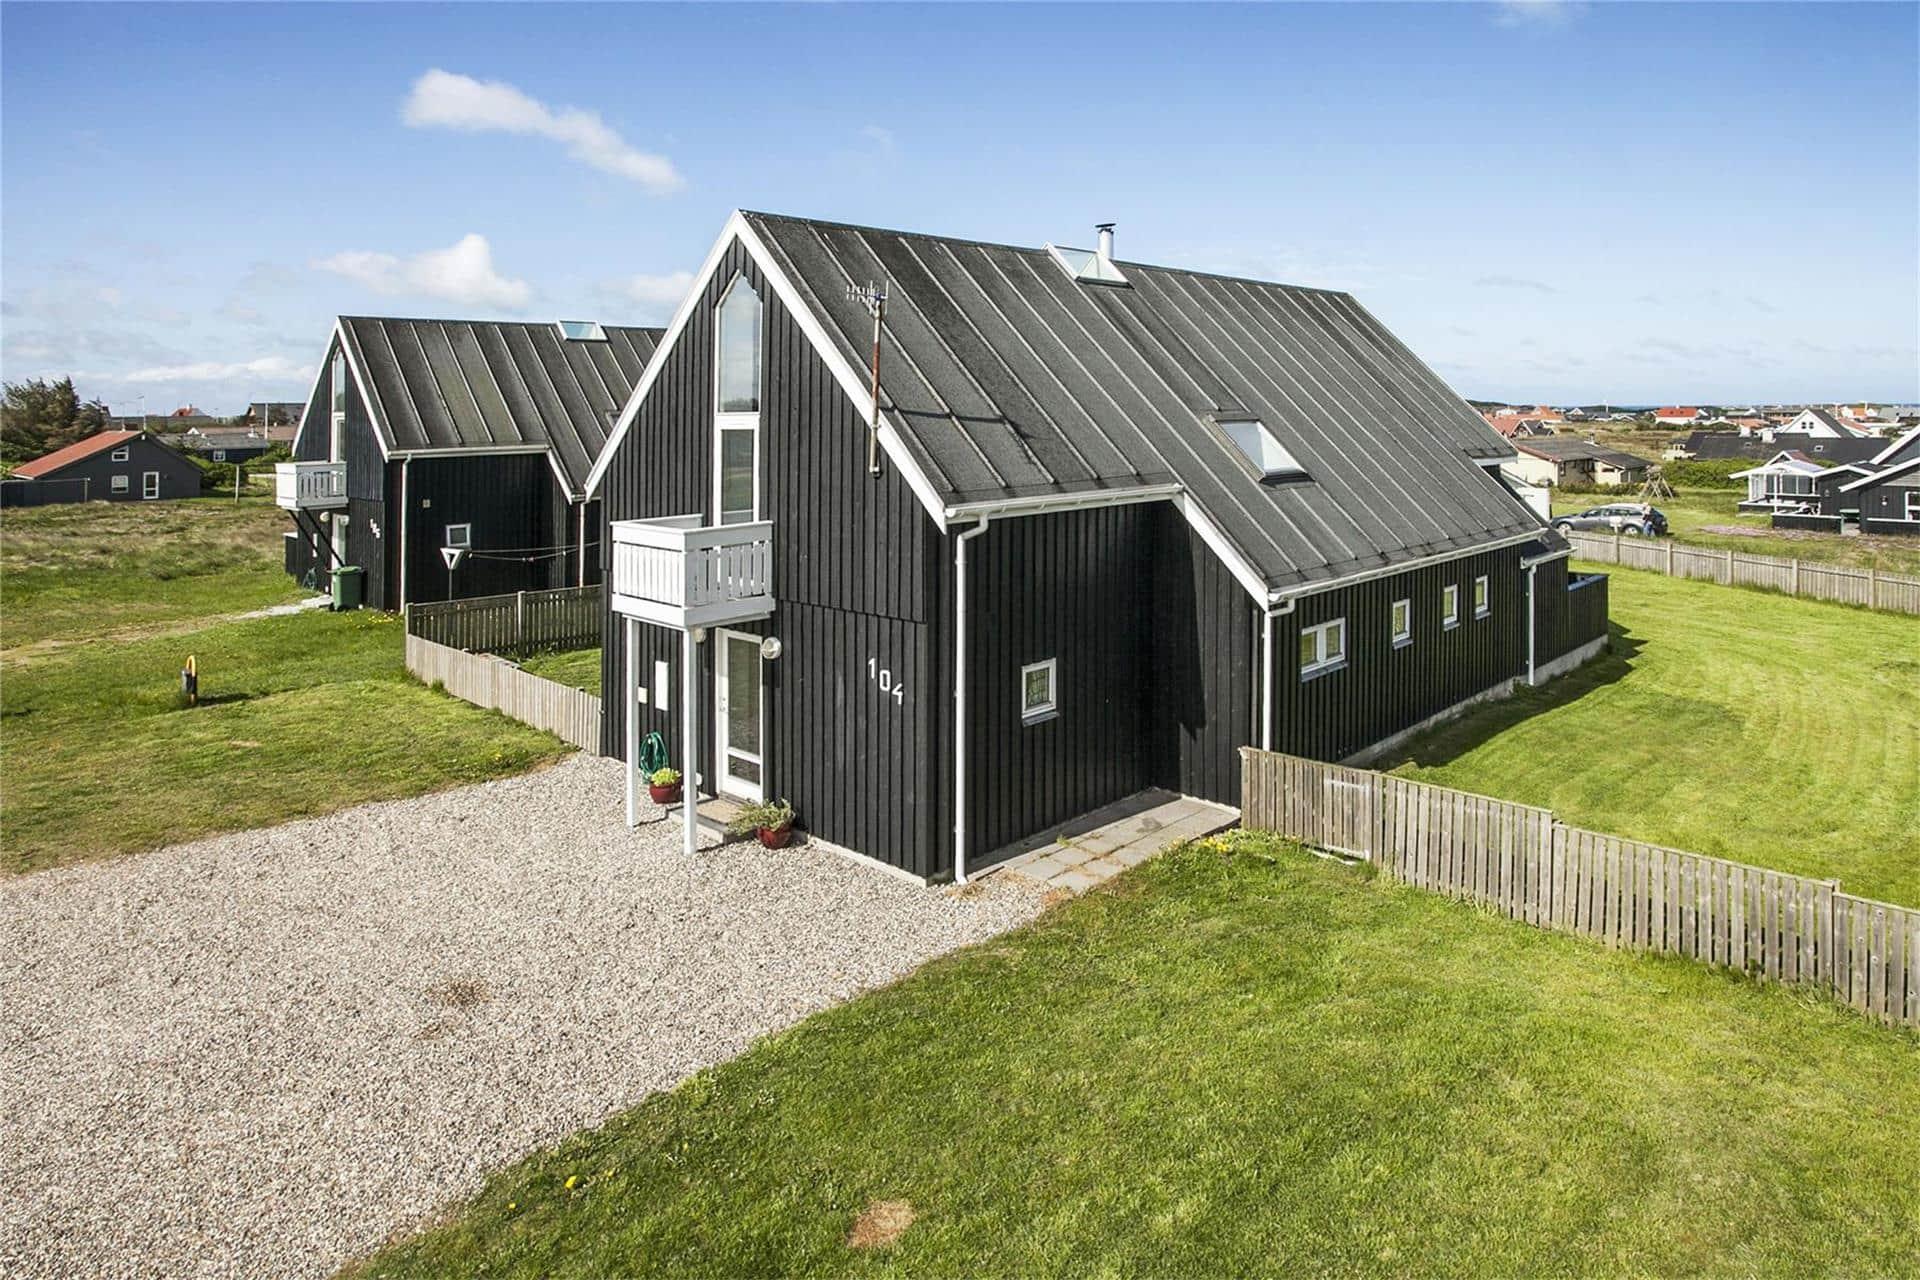 Billede 1-13 Sommerhus 759, Nordsøvej 104, DK - 7700 Thisted